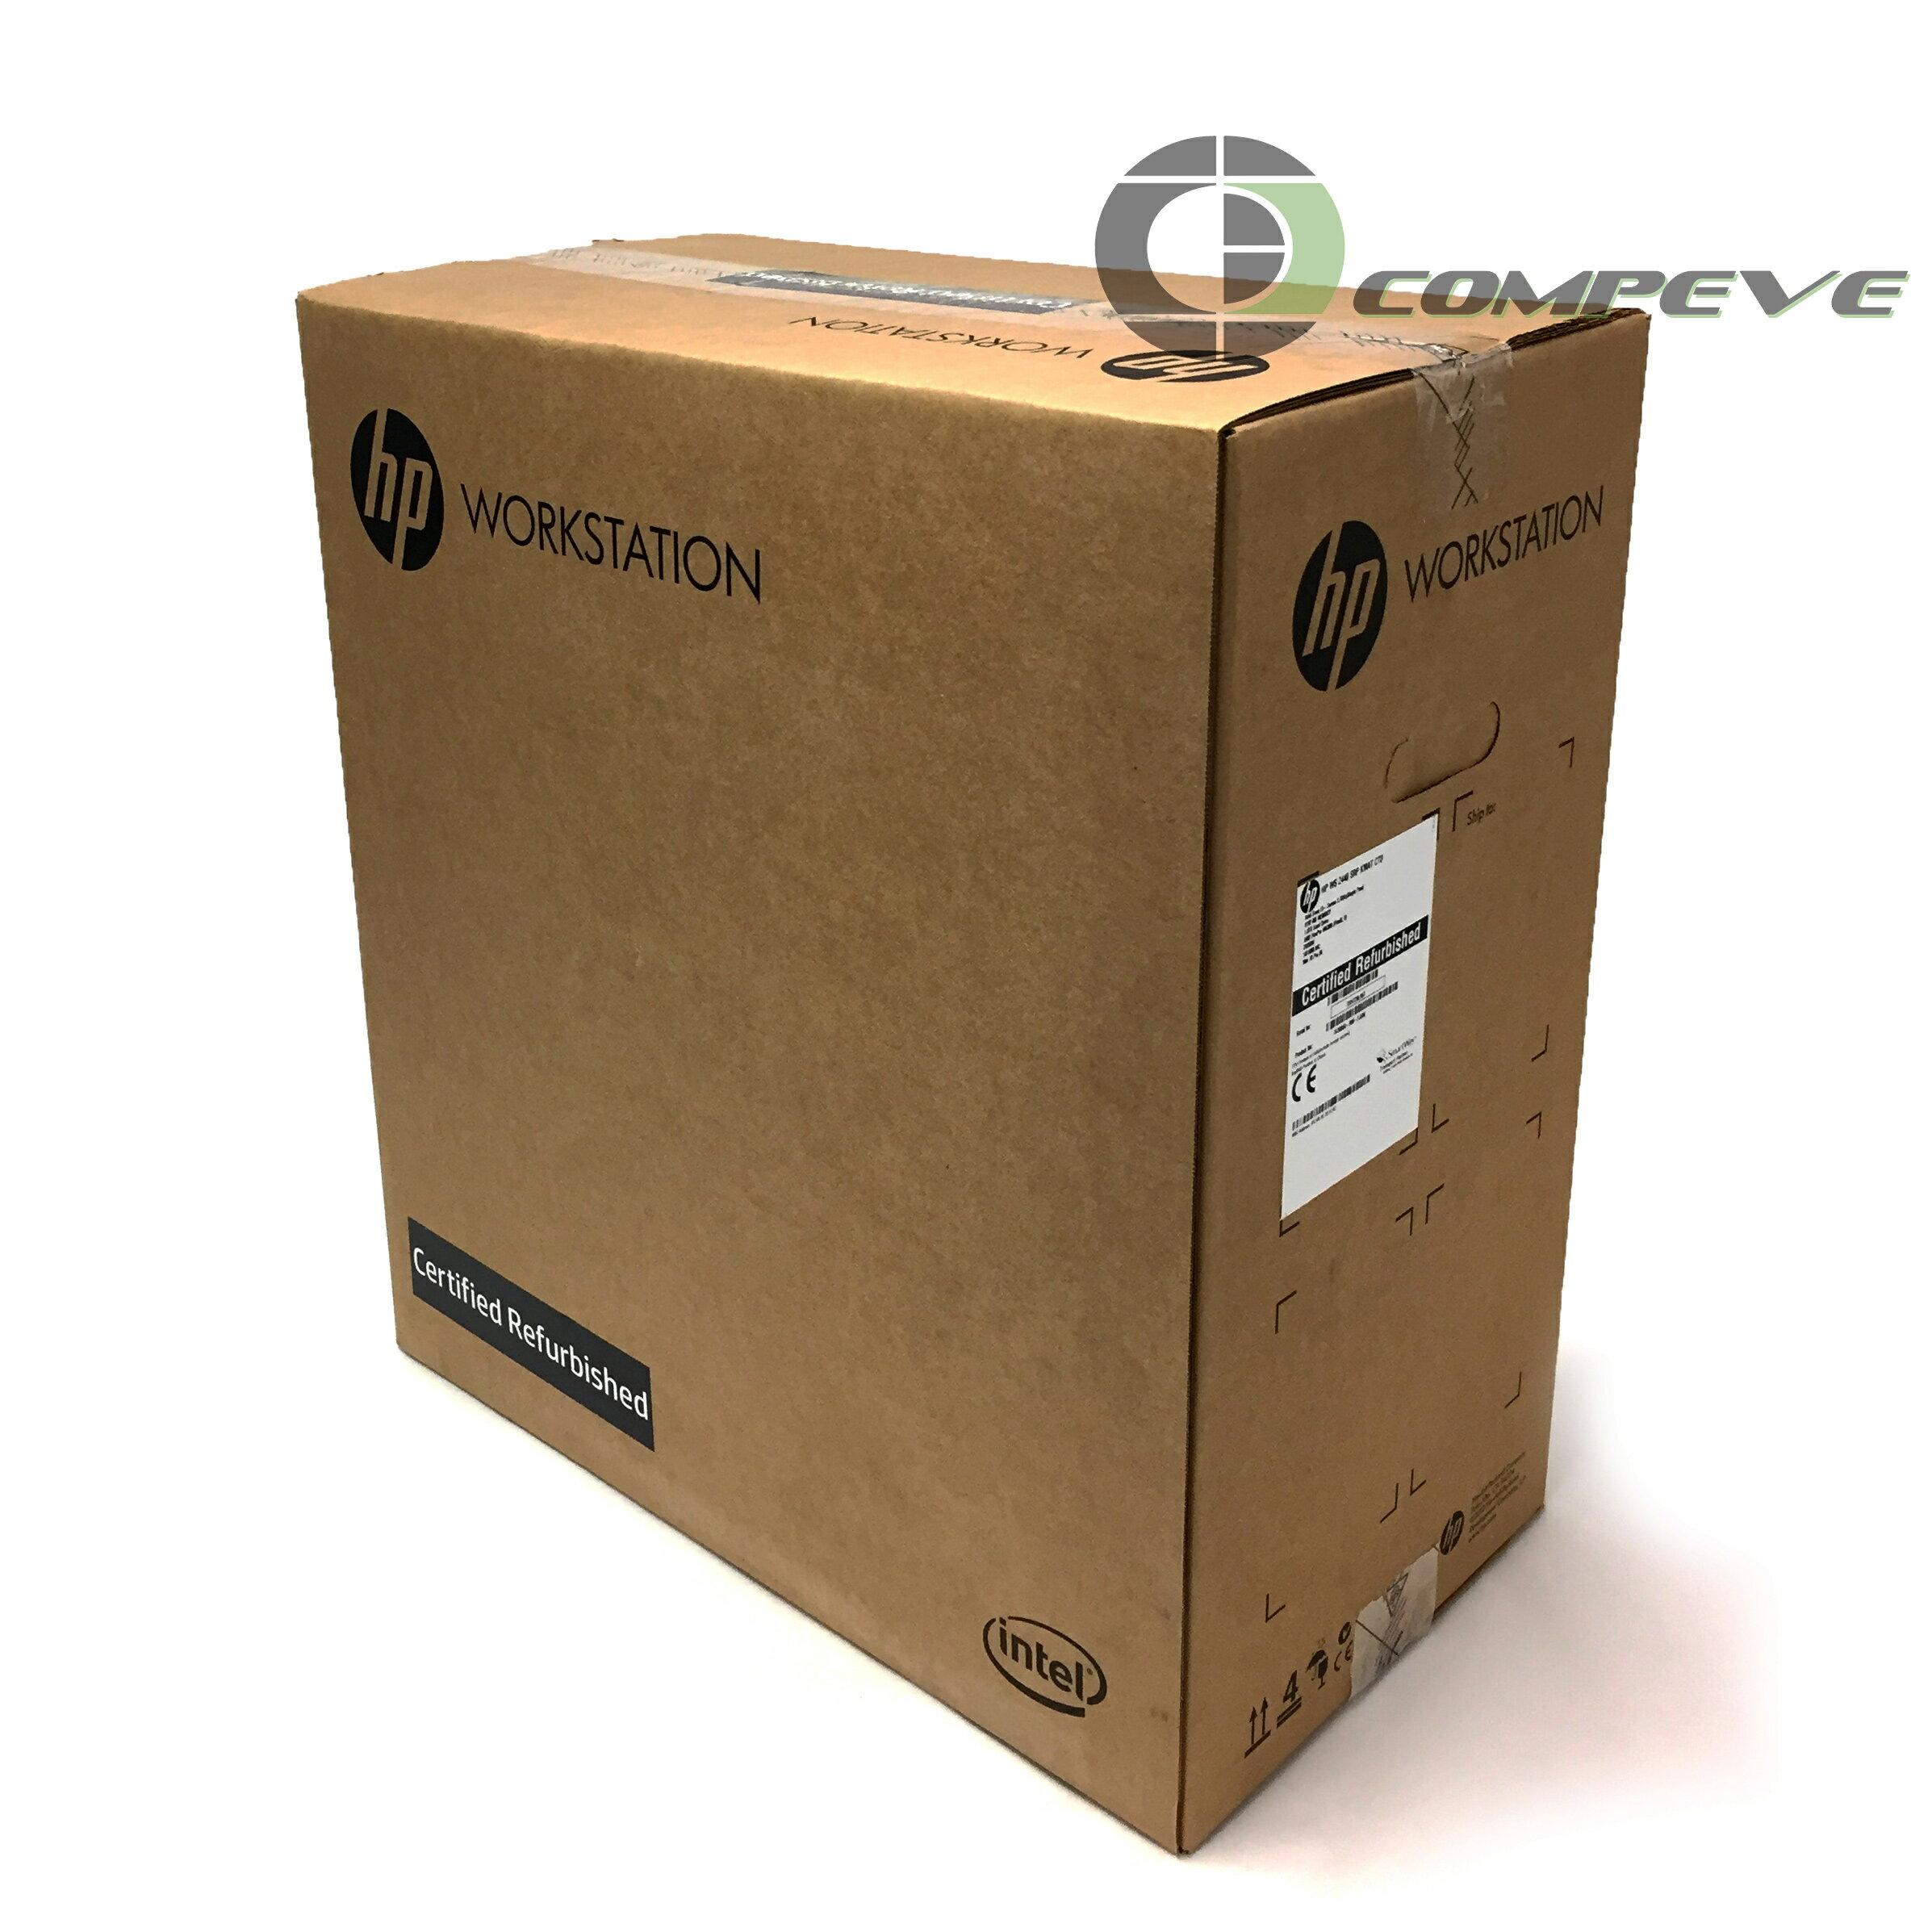 HP z440 Workstation Xeon E5-1630 v4 3 7GHz 8GB RAM 1TB ECC FirePro W4300  Win 10 743805R-999-FJ6W